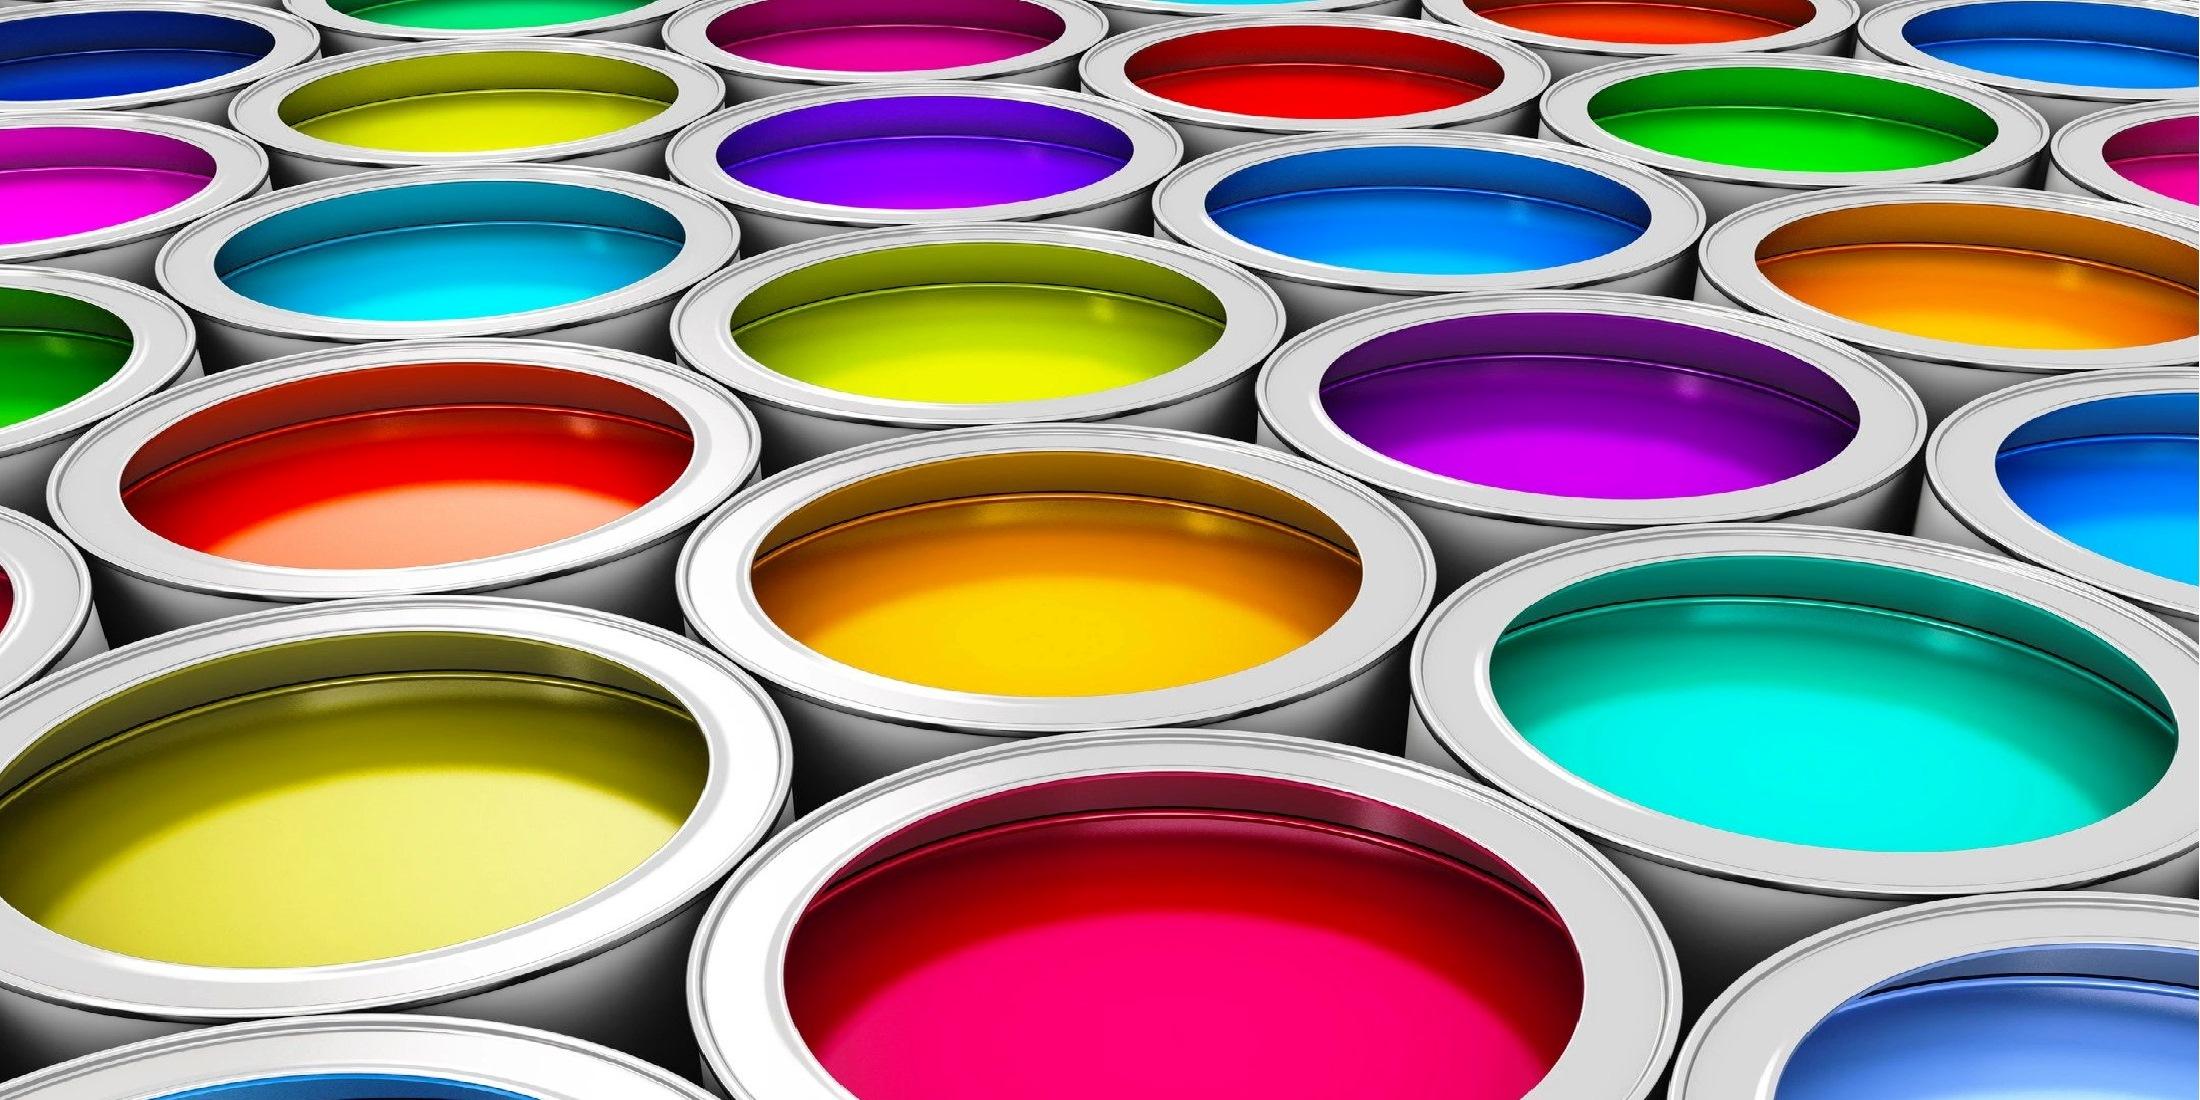 Рынок лакокрасочных материалов: индустриальные и строительные